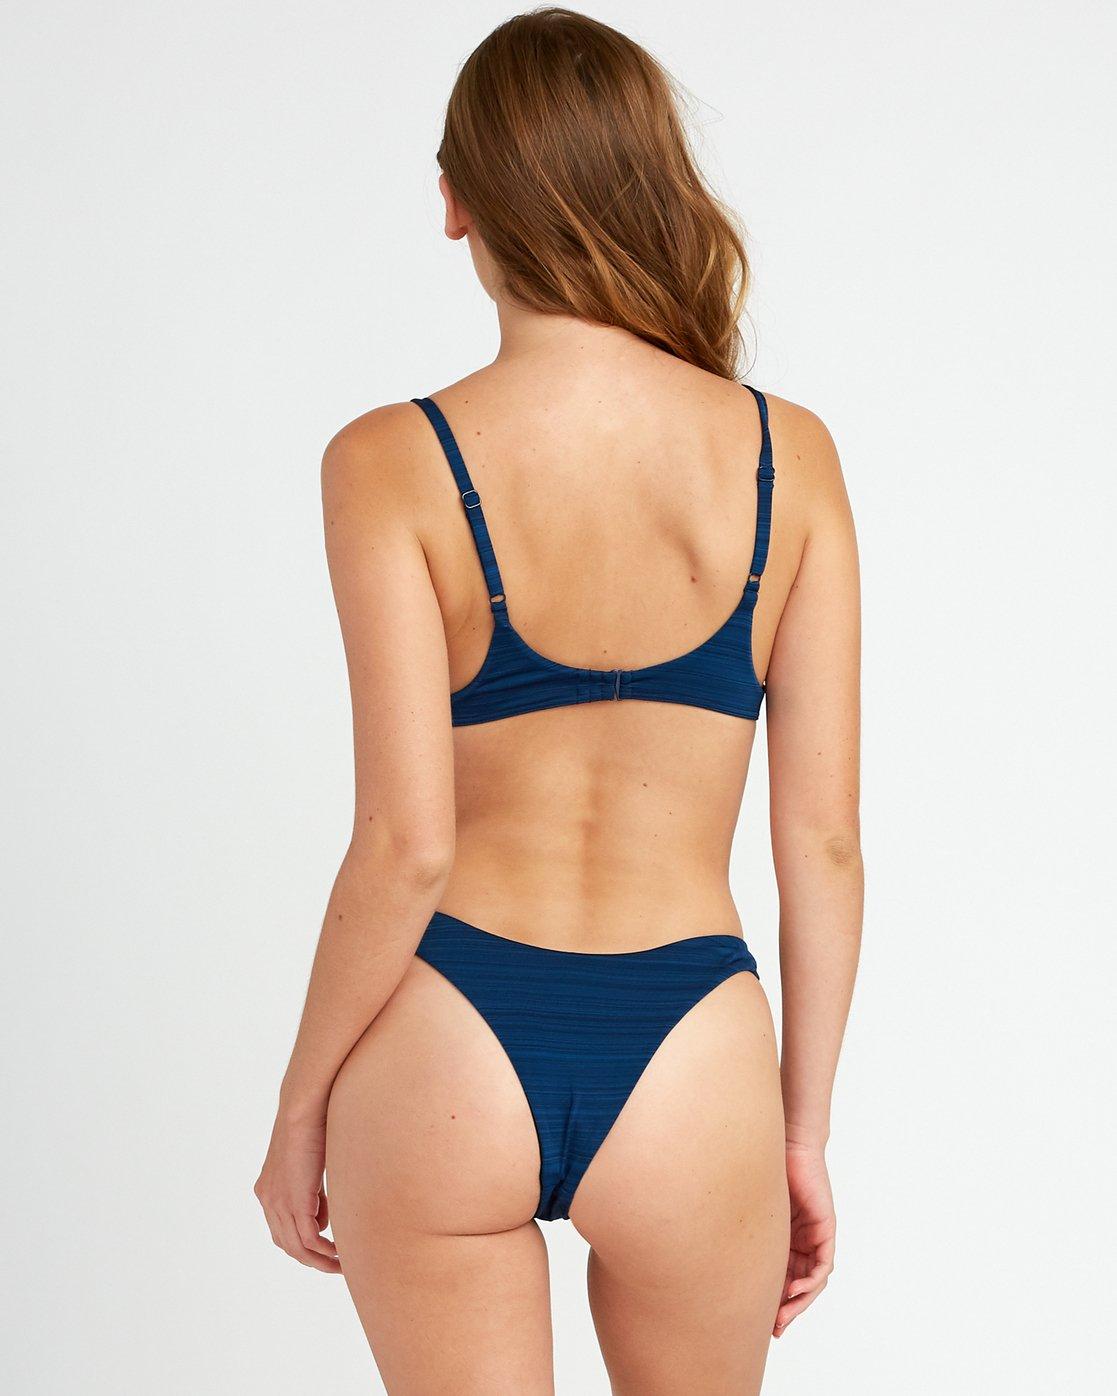 0 Rowan Skimpy Bikini Bottoms Blue XB16URRS RVCA